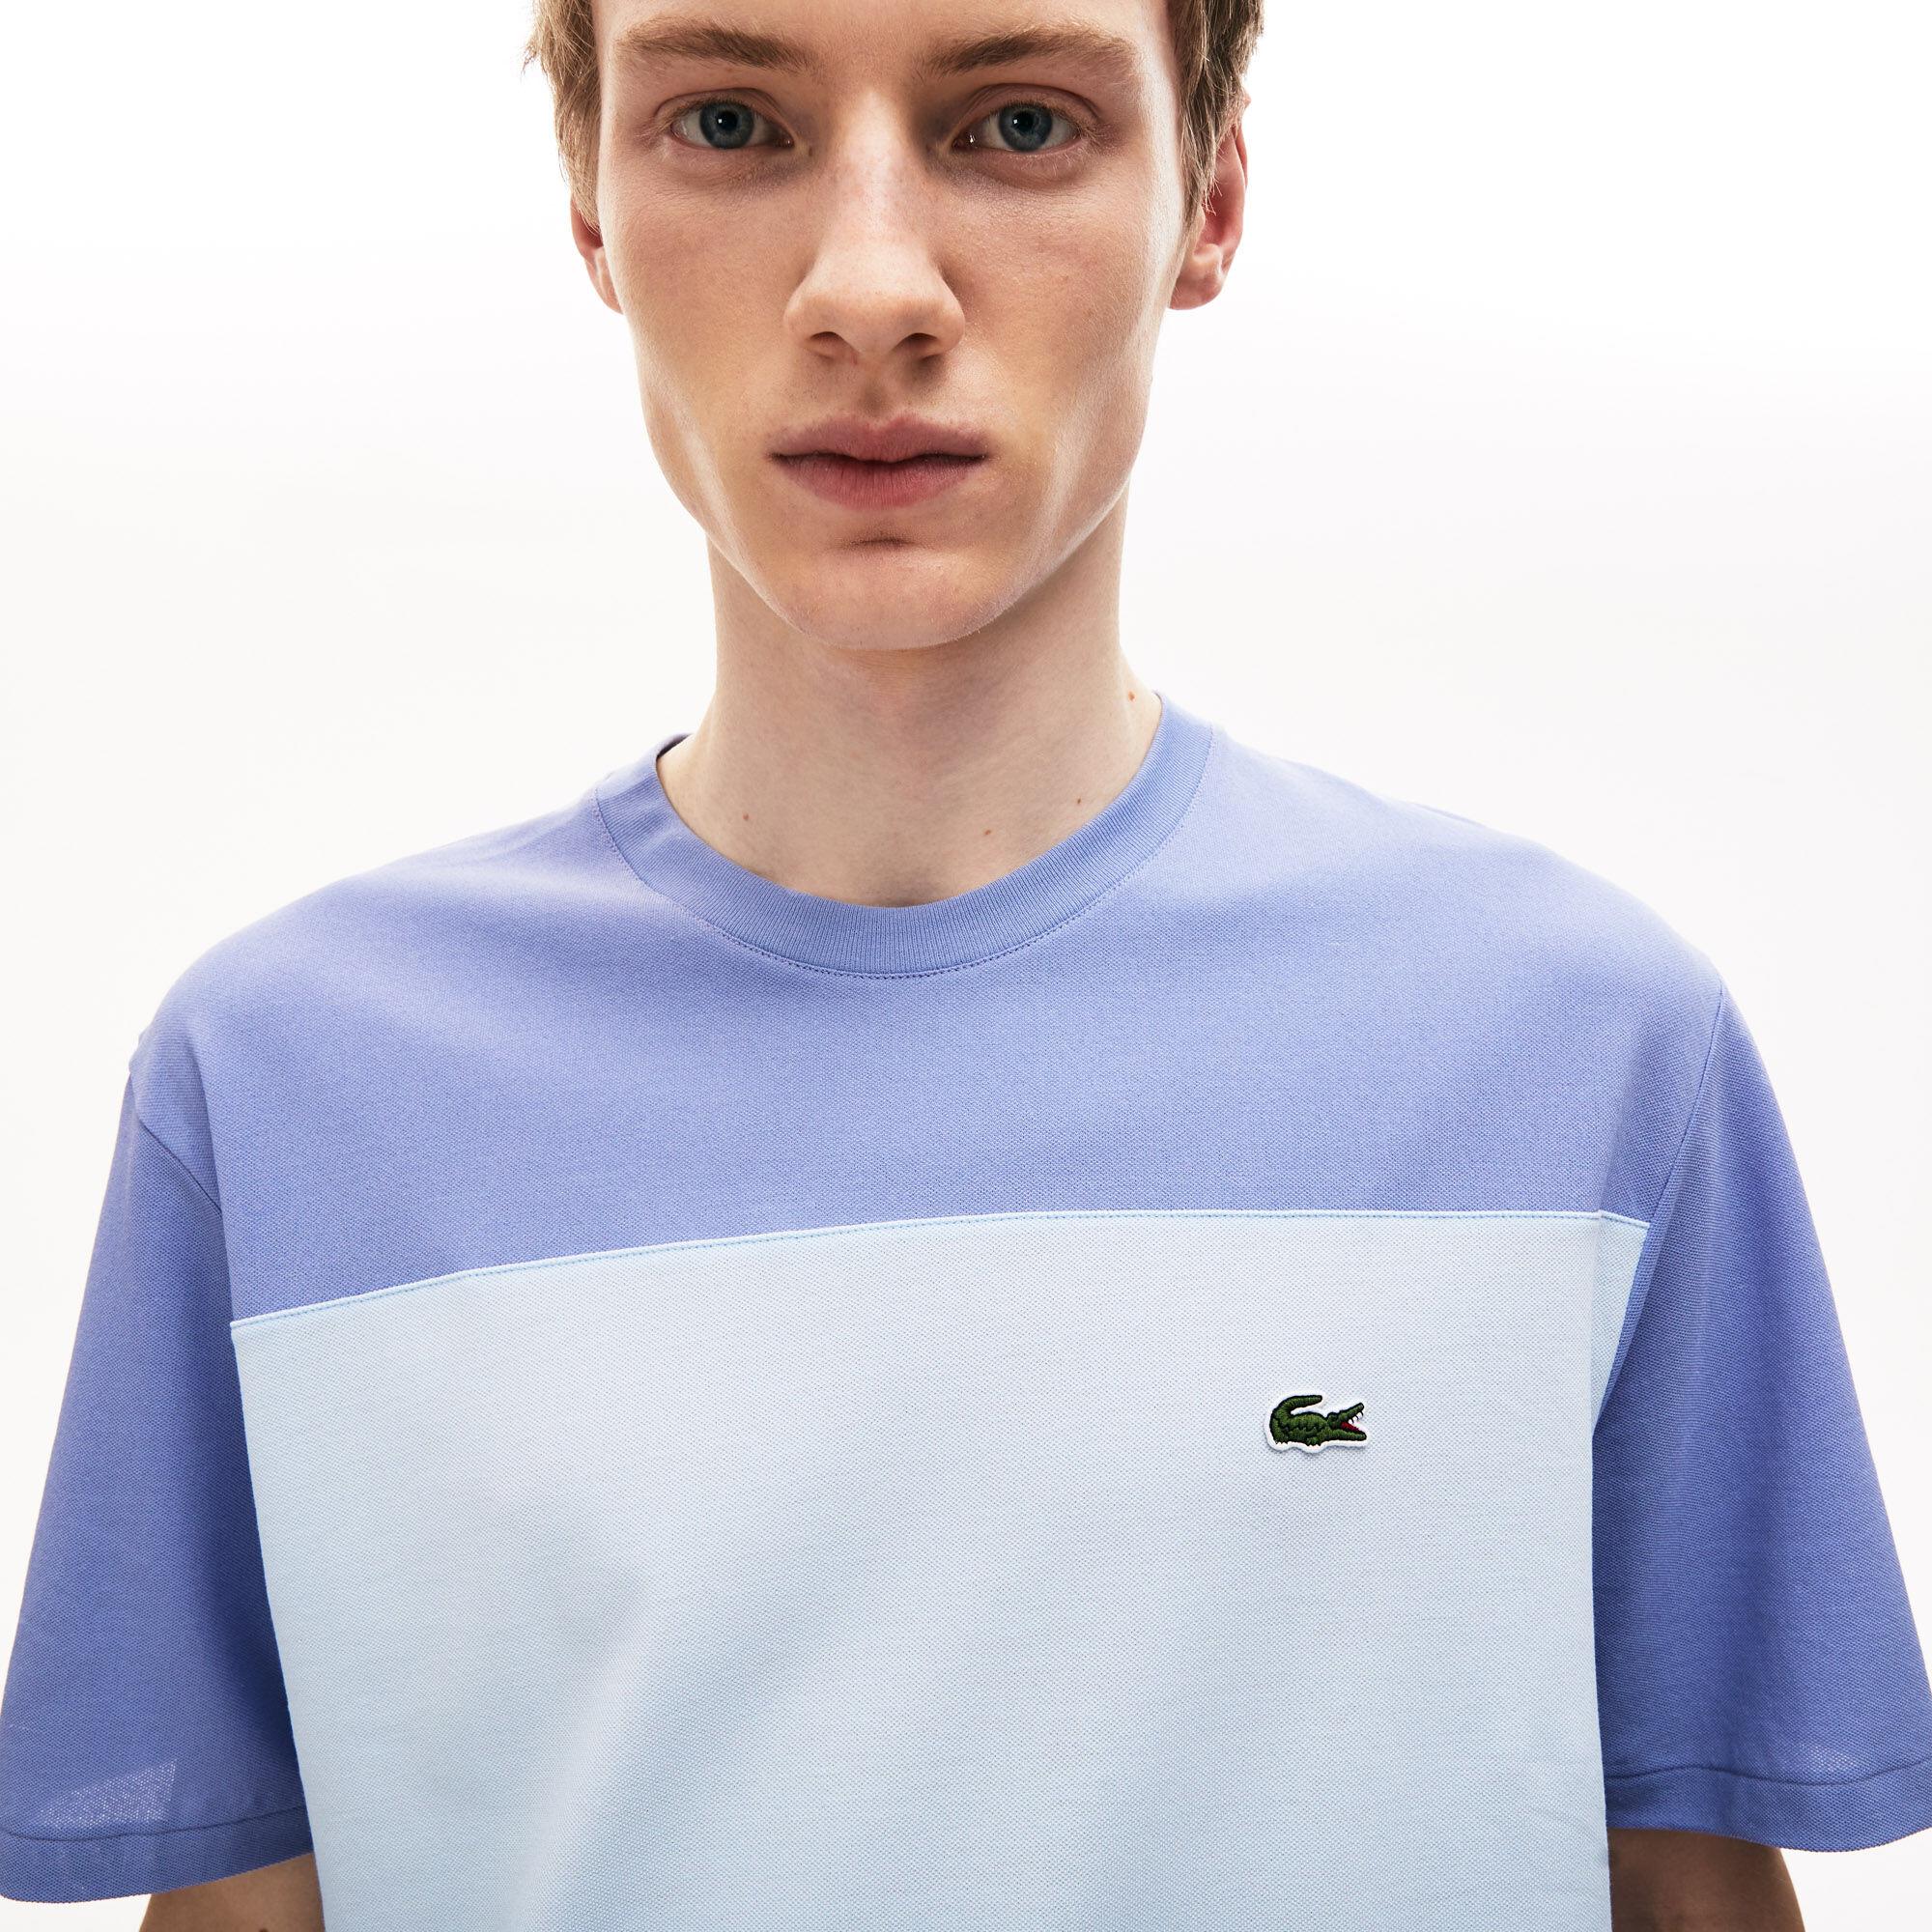 قميص تي-شيرت قطن بيكيه مقلم مزود بفتحة رقبة مستديرة من مجموعة  Colourblock للرجال